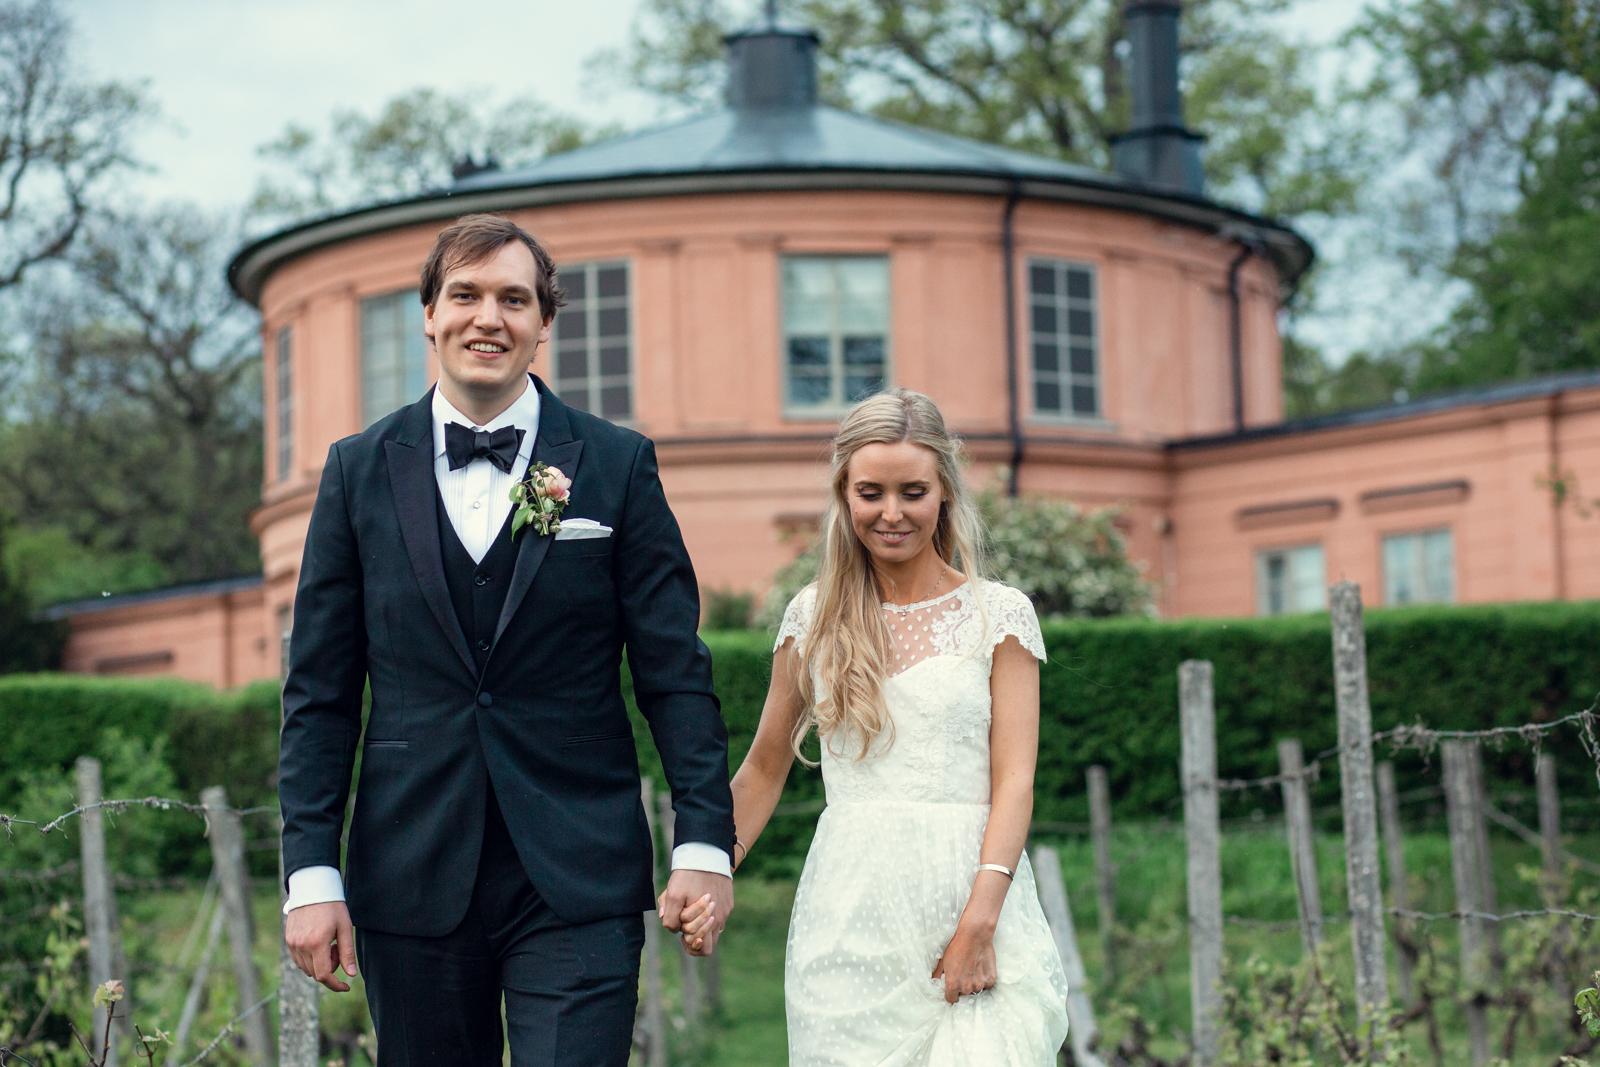 Emma & Simon - Bröllop Rosendal - på Rosendal. En dag full av kärlek och värme!